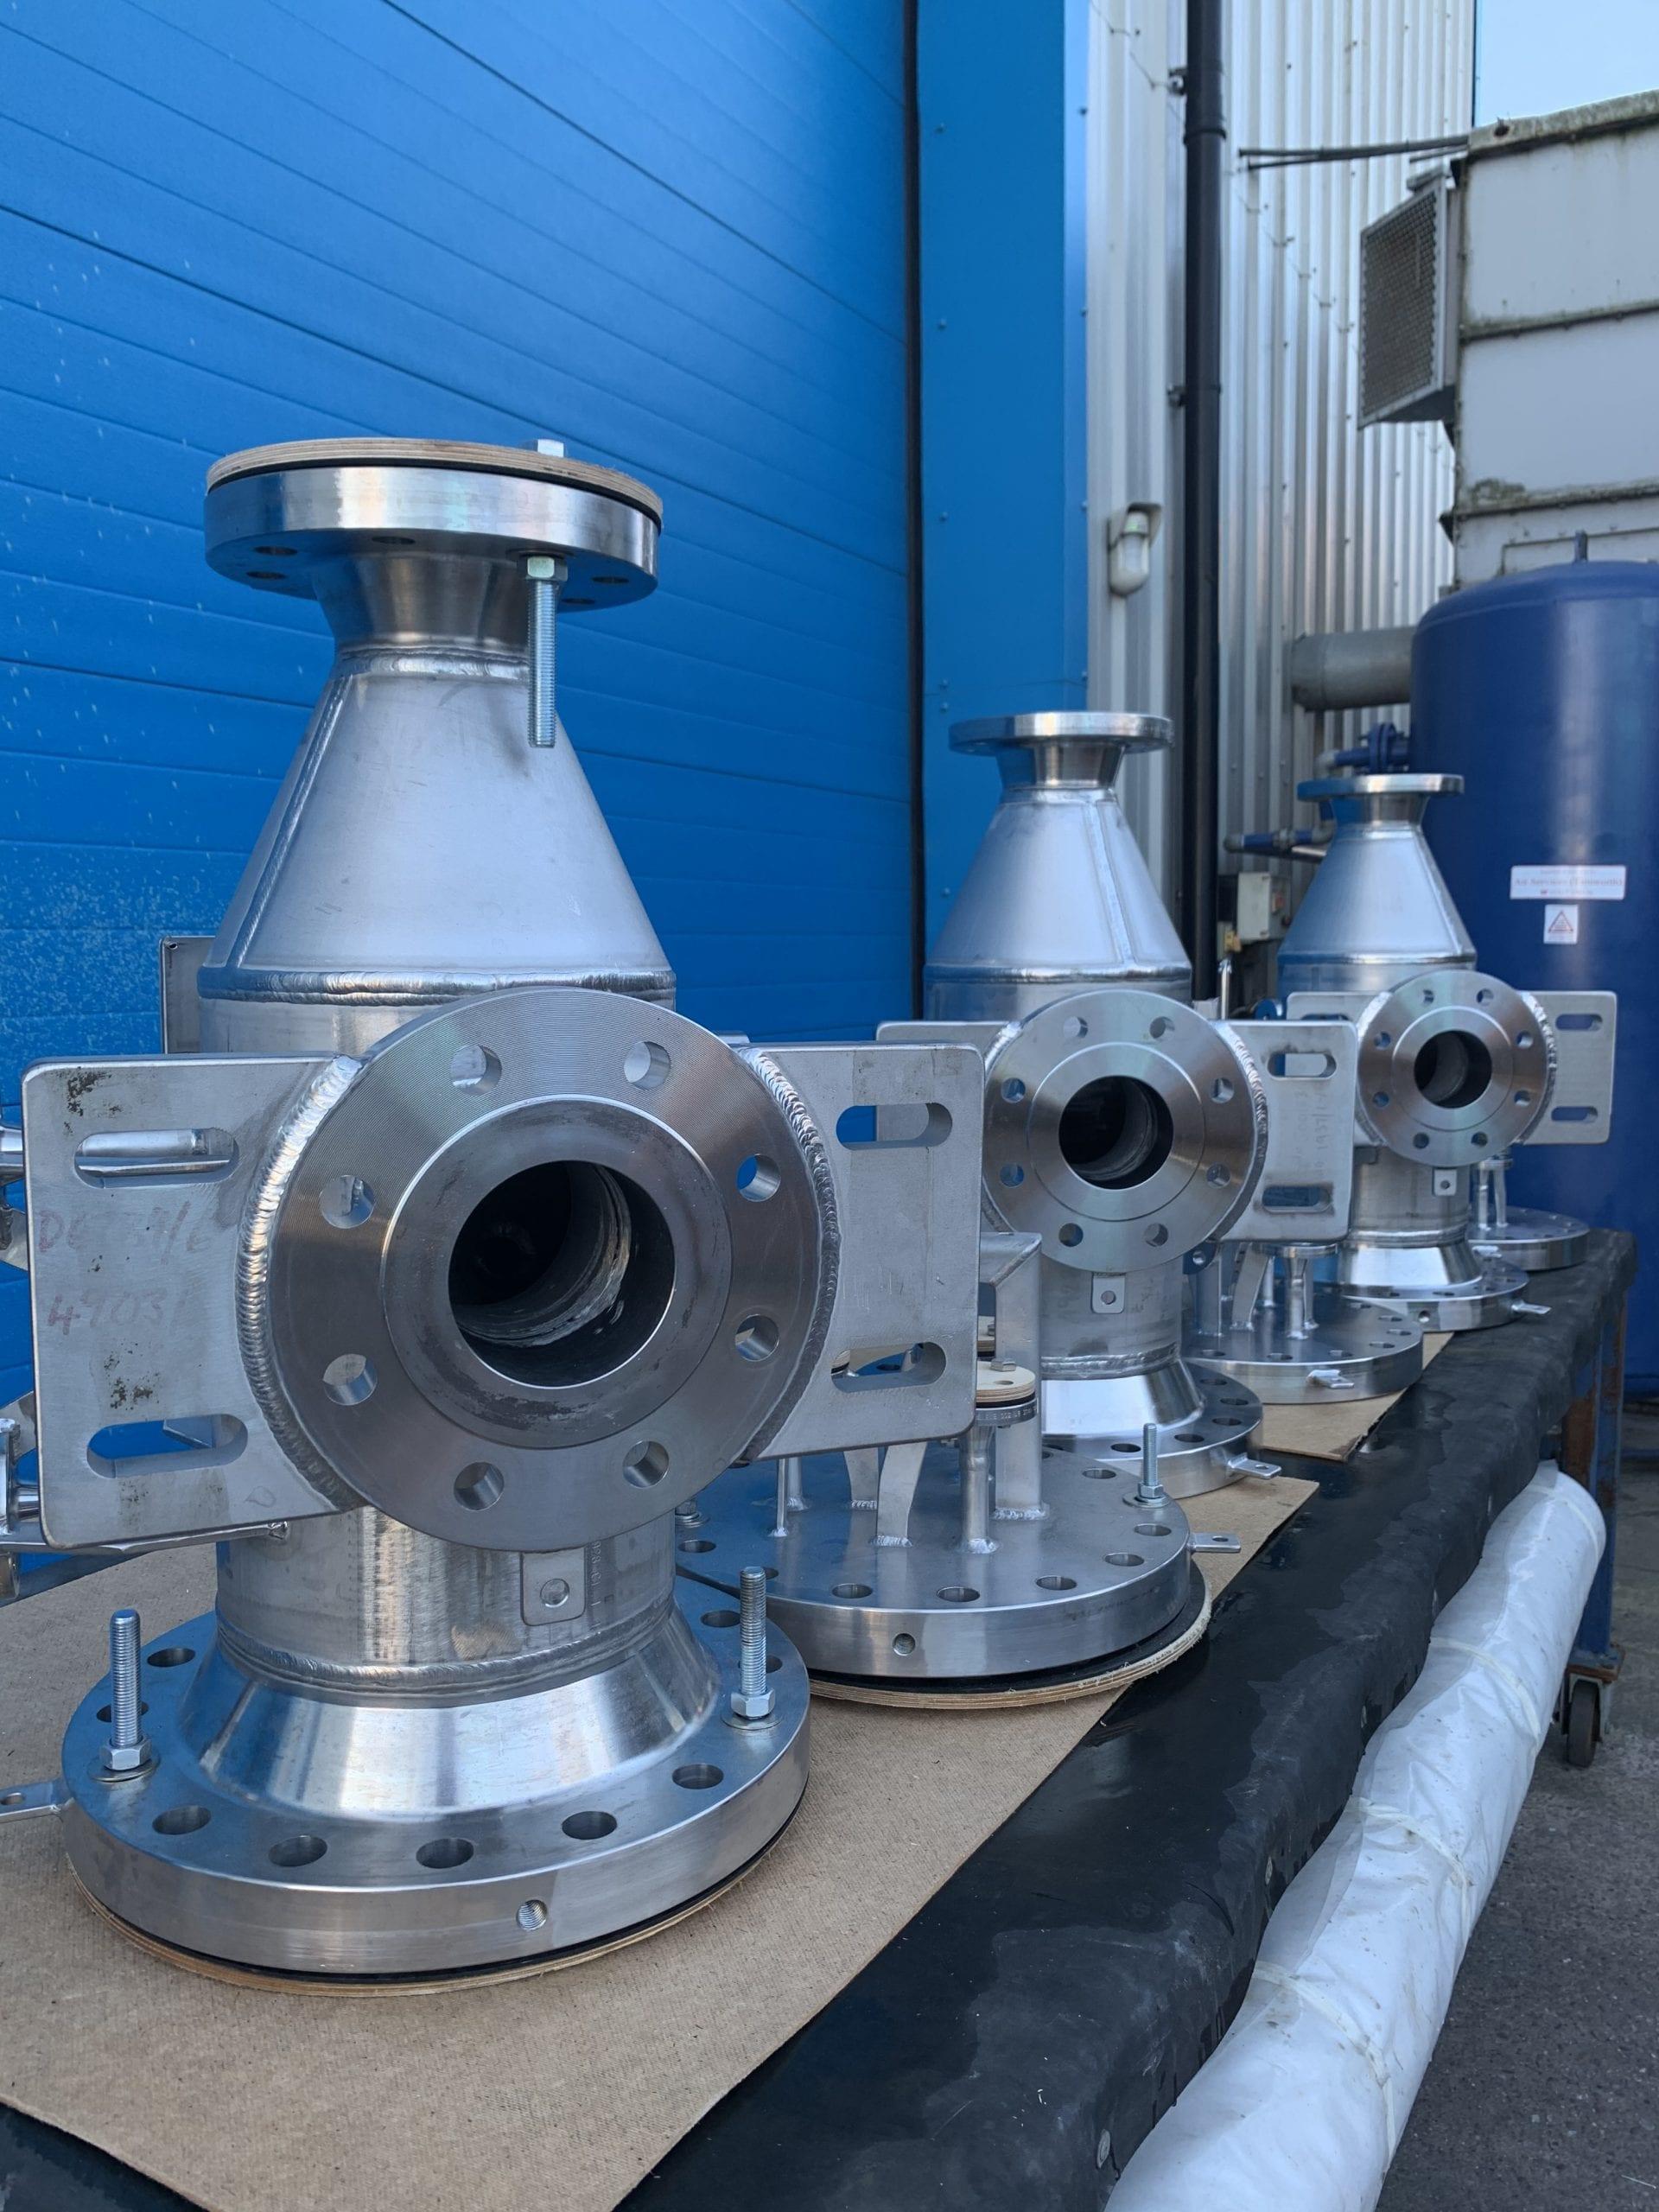 Separator-vessels-duplex-stainless-steel-en13445